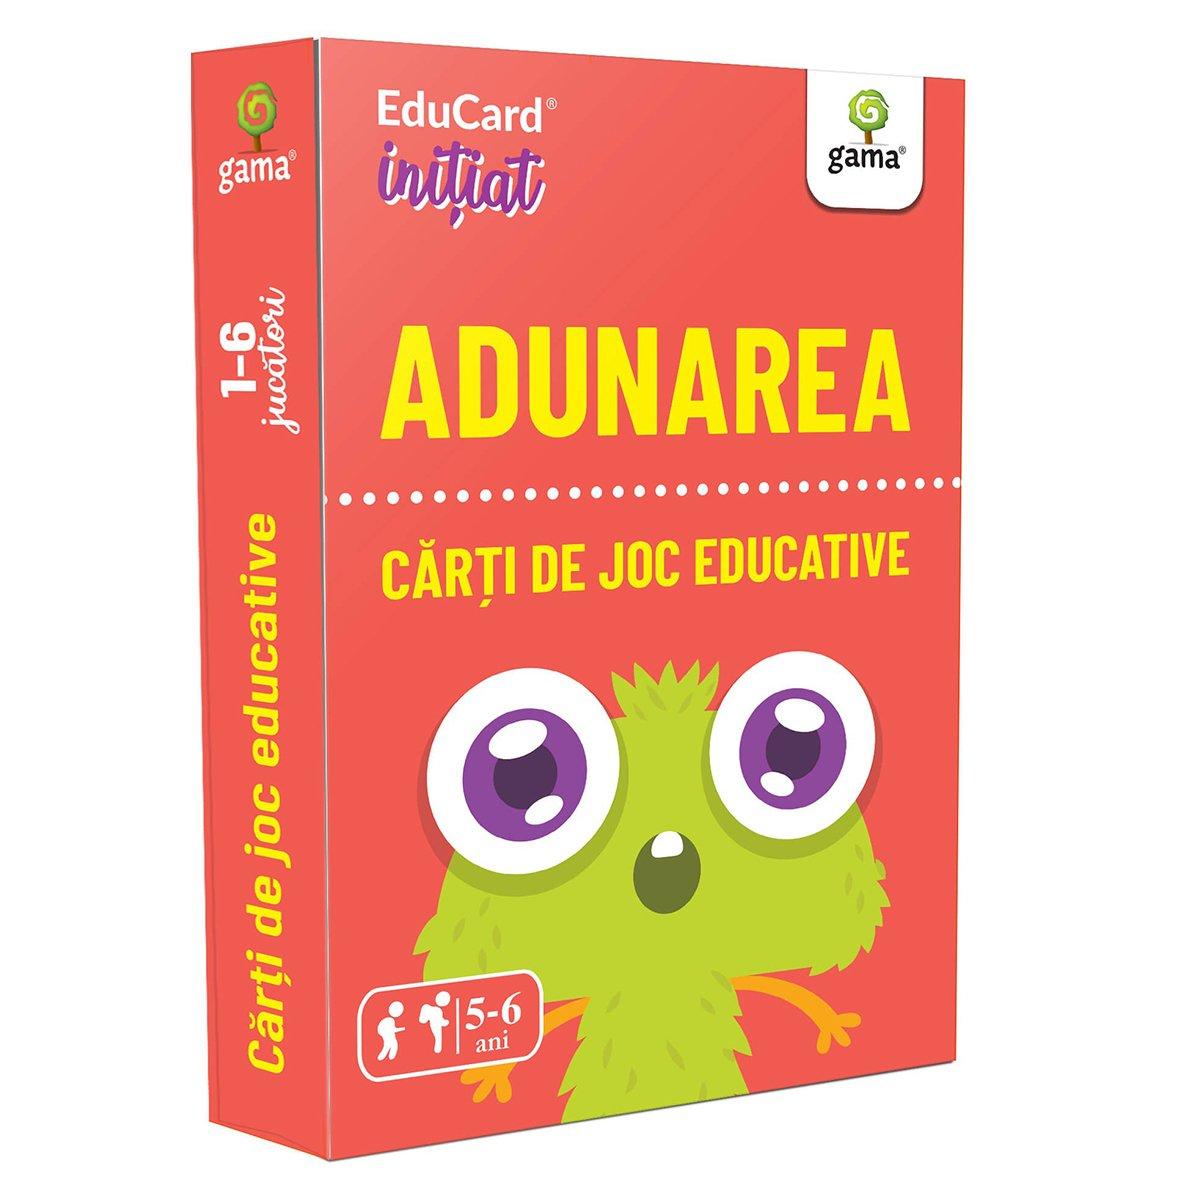 Editura Gama, Carti de joc educative Initiat, Adunarea